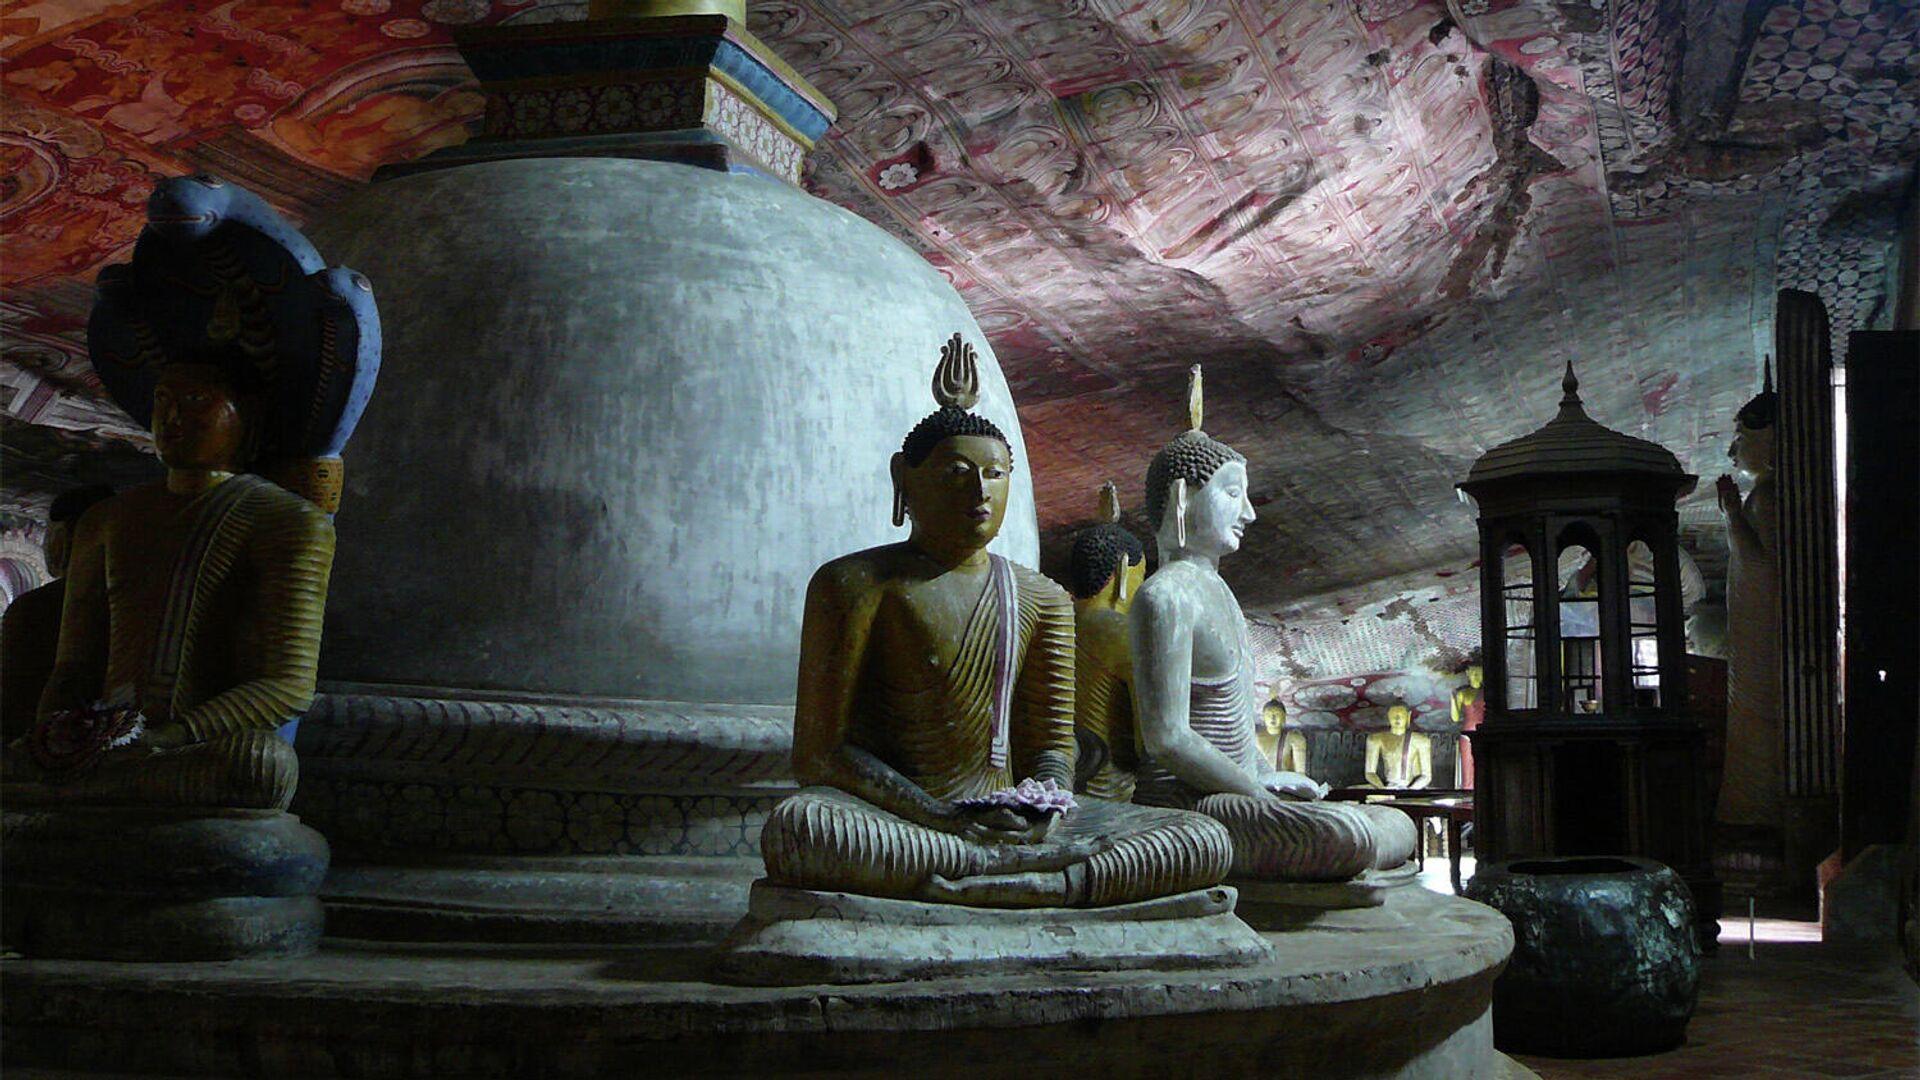 Королевский пещерный храм Дамбулла - РИА Новости, 1920, 20.01.2021